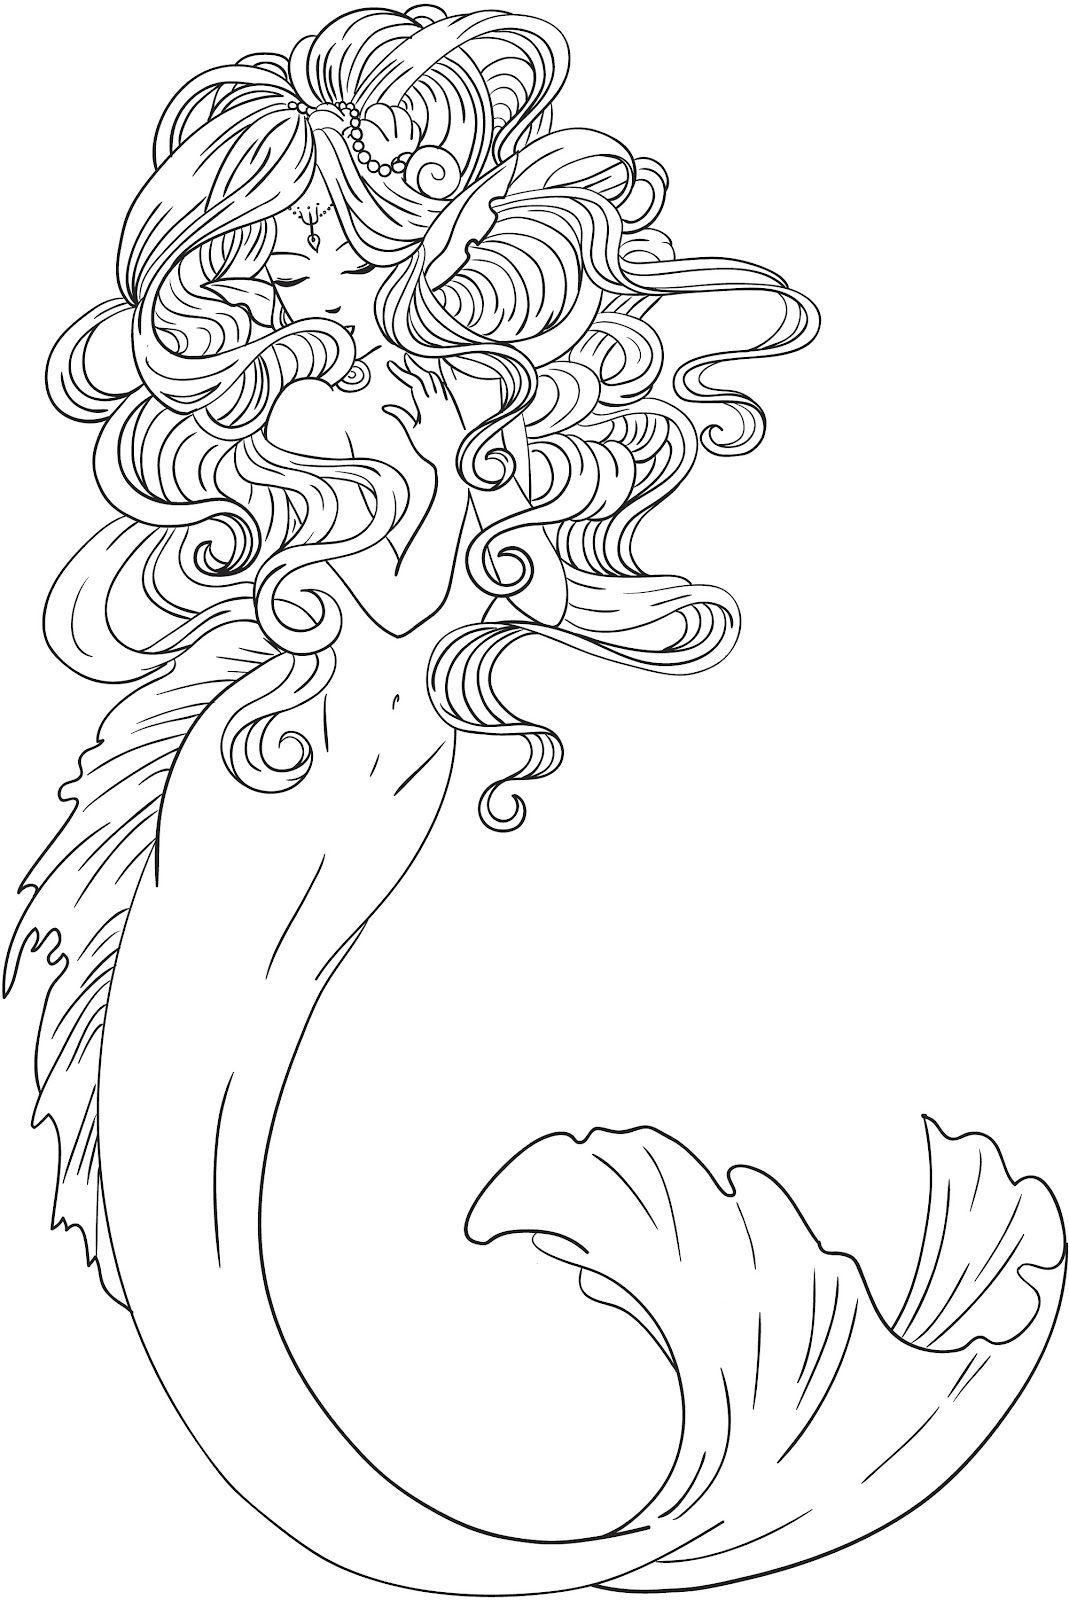 sirena | Colorear | Pinterest | Sirenitas, Colorear y Dibujo